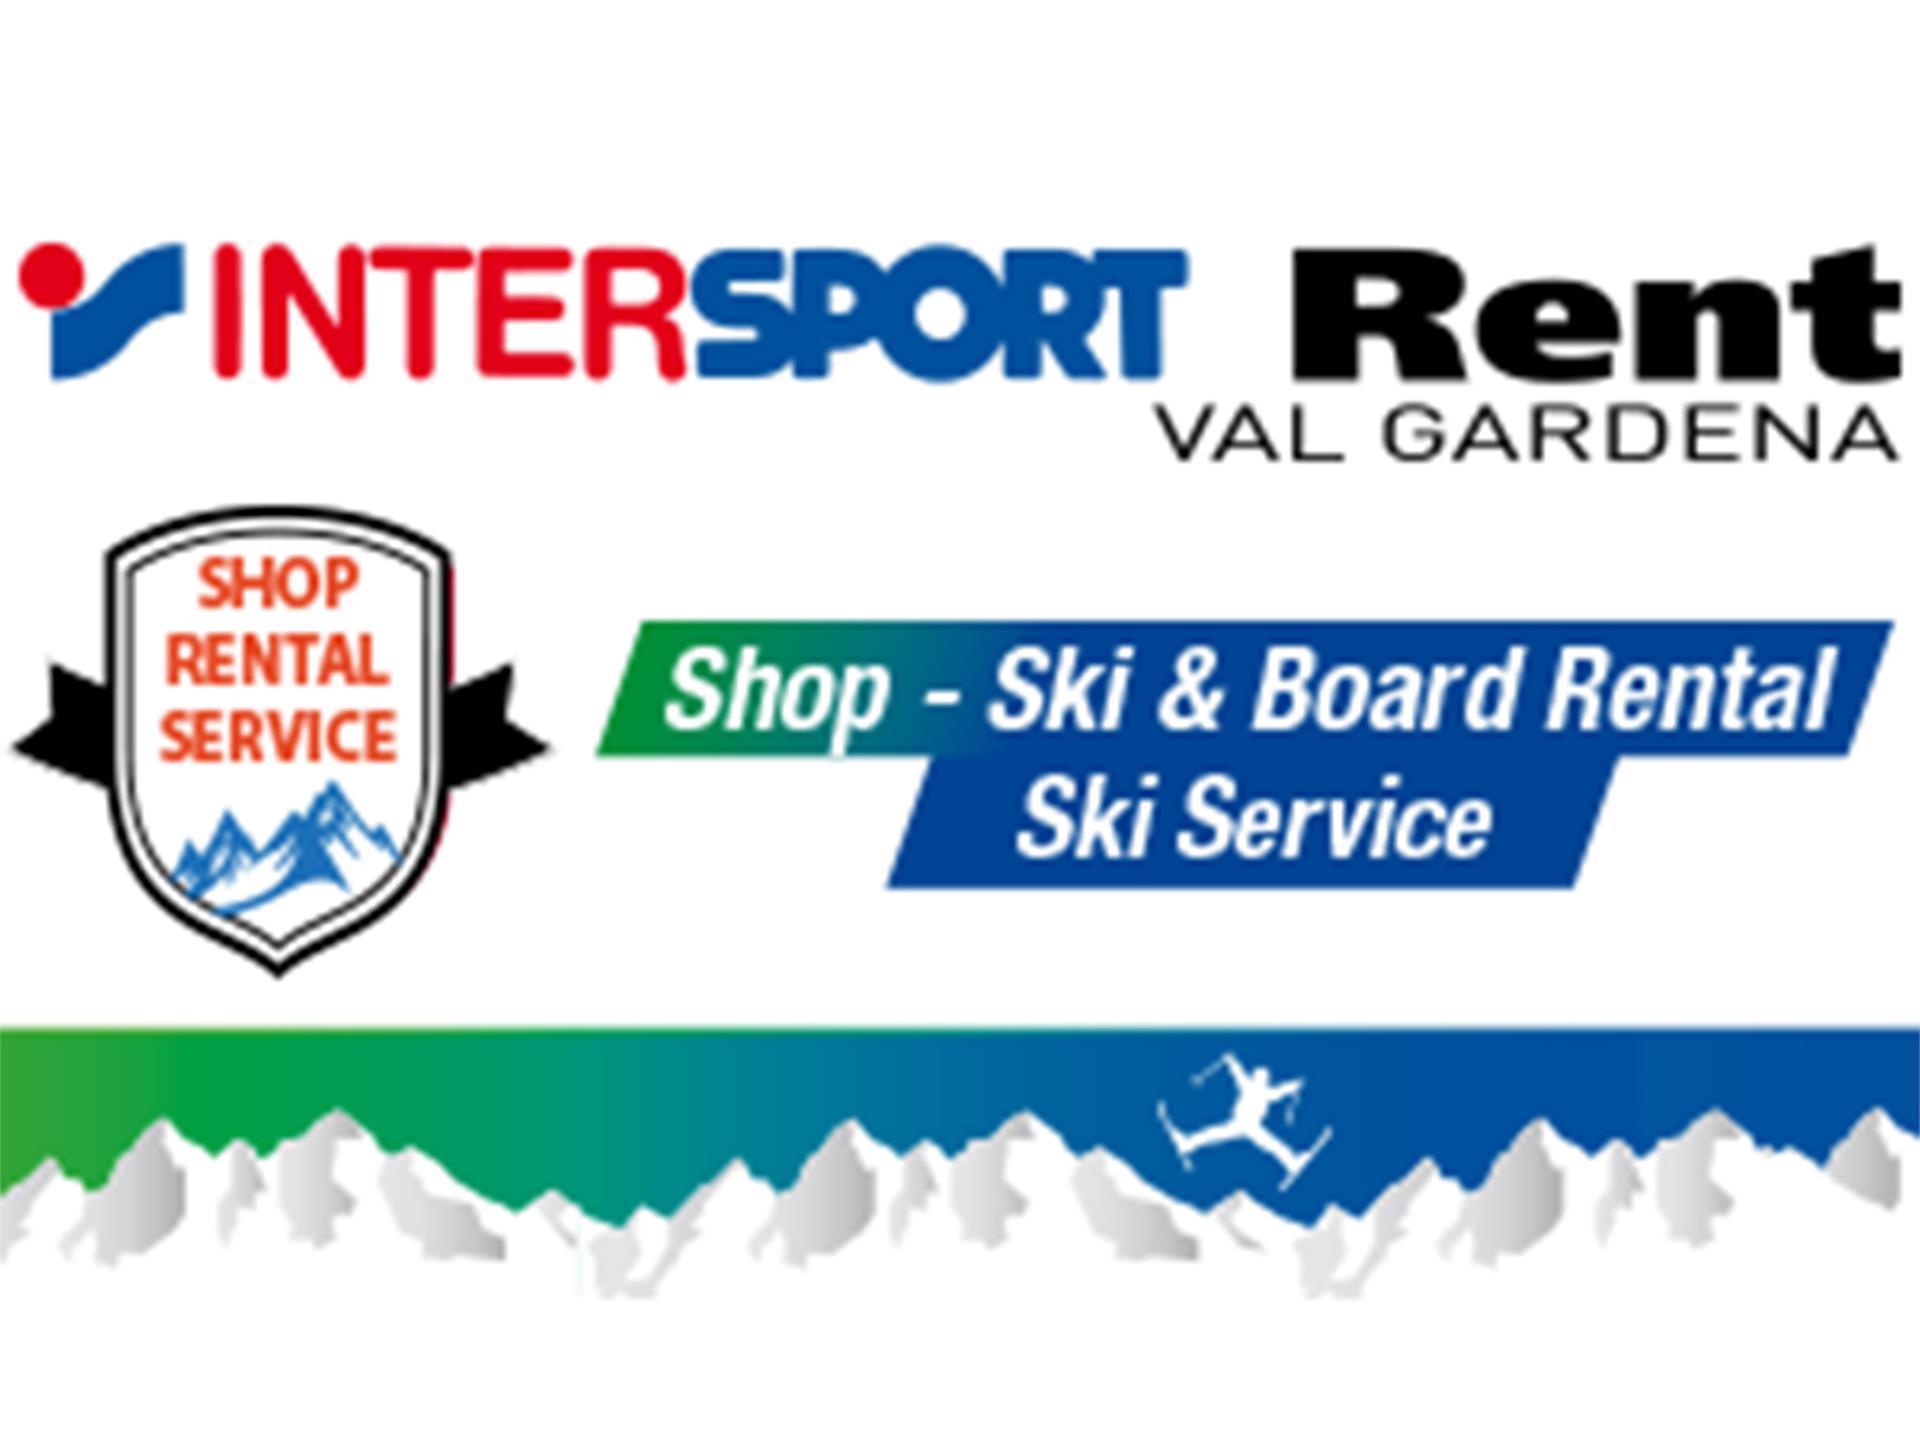 Intersport Rent Noleggio & Negozio